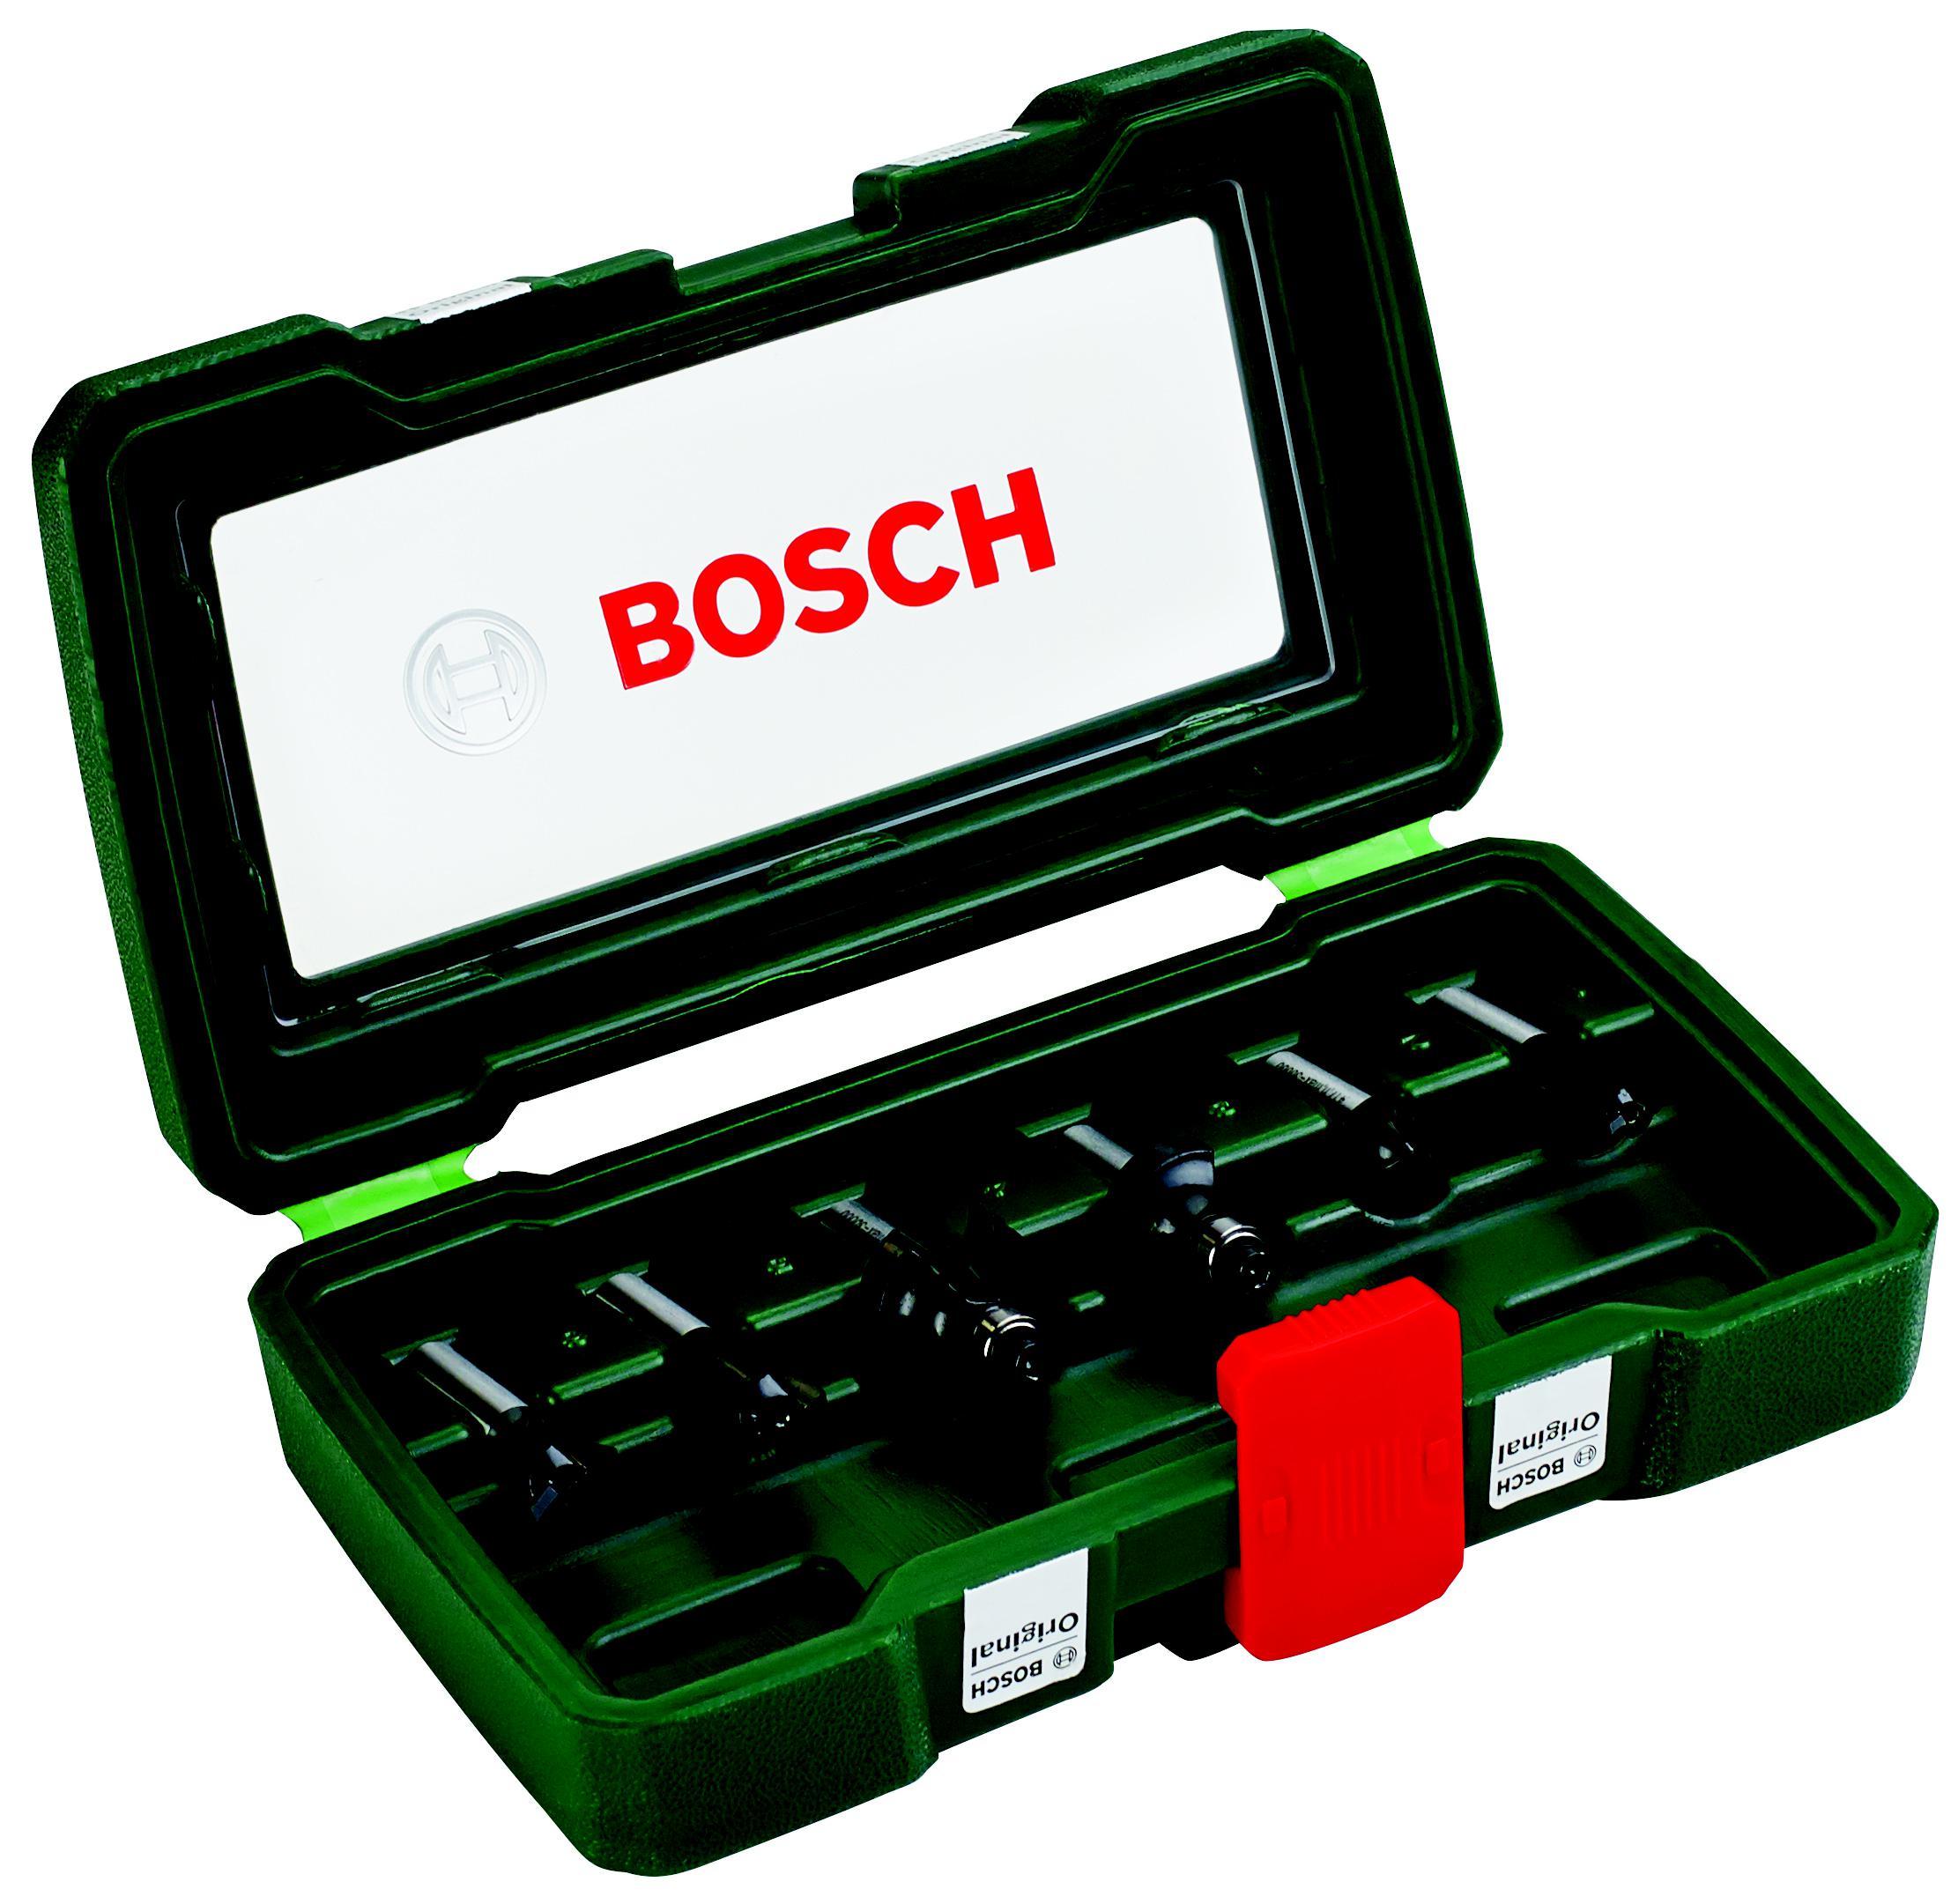 Купить Набор фрез Bosch 6шт., хвостовик 8мм (2.607.019.463), Германия